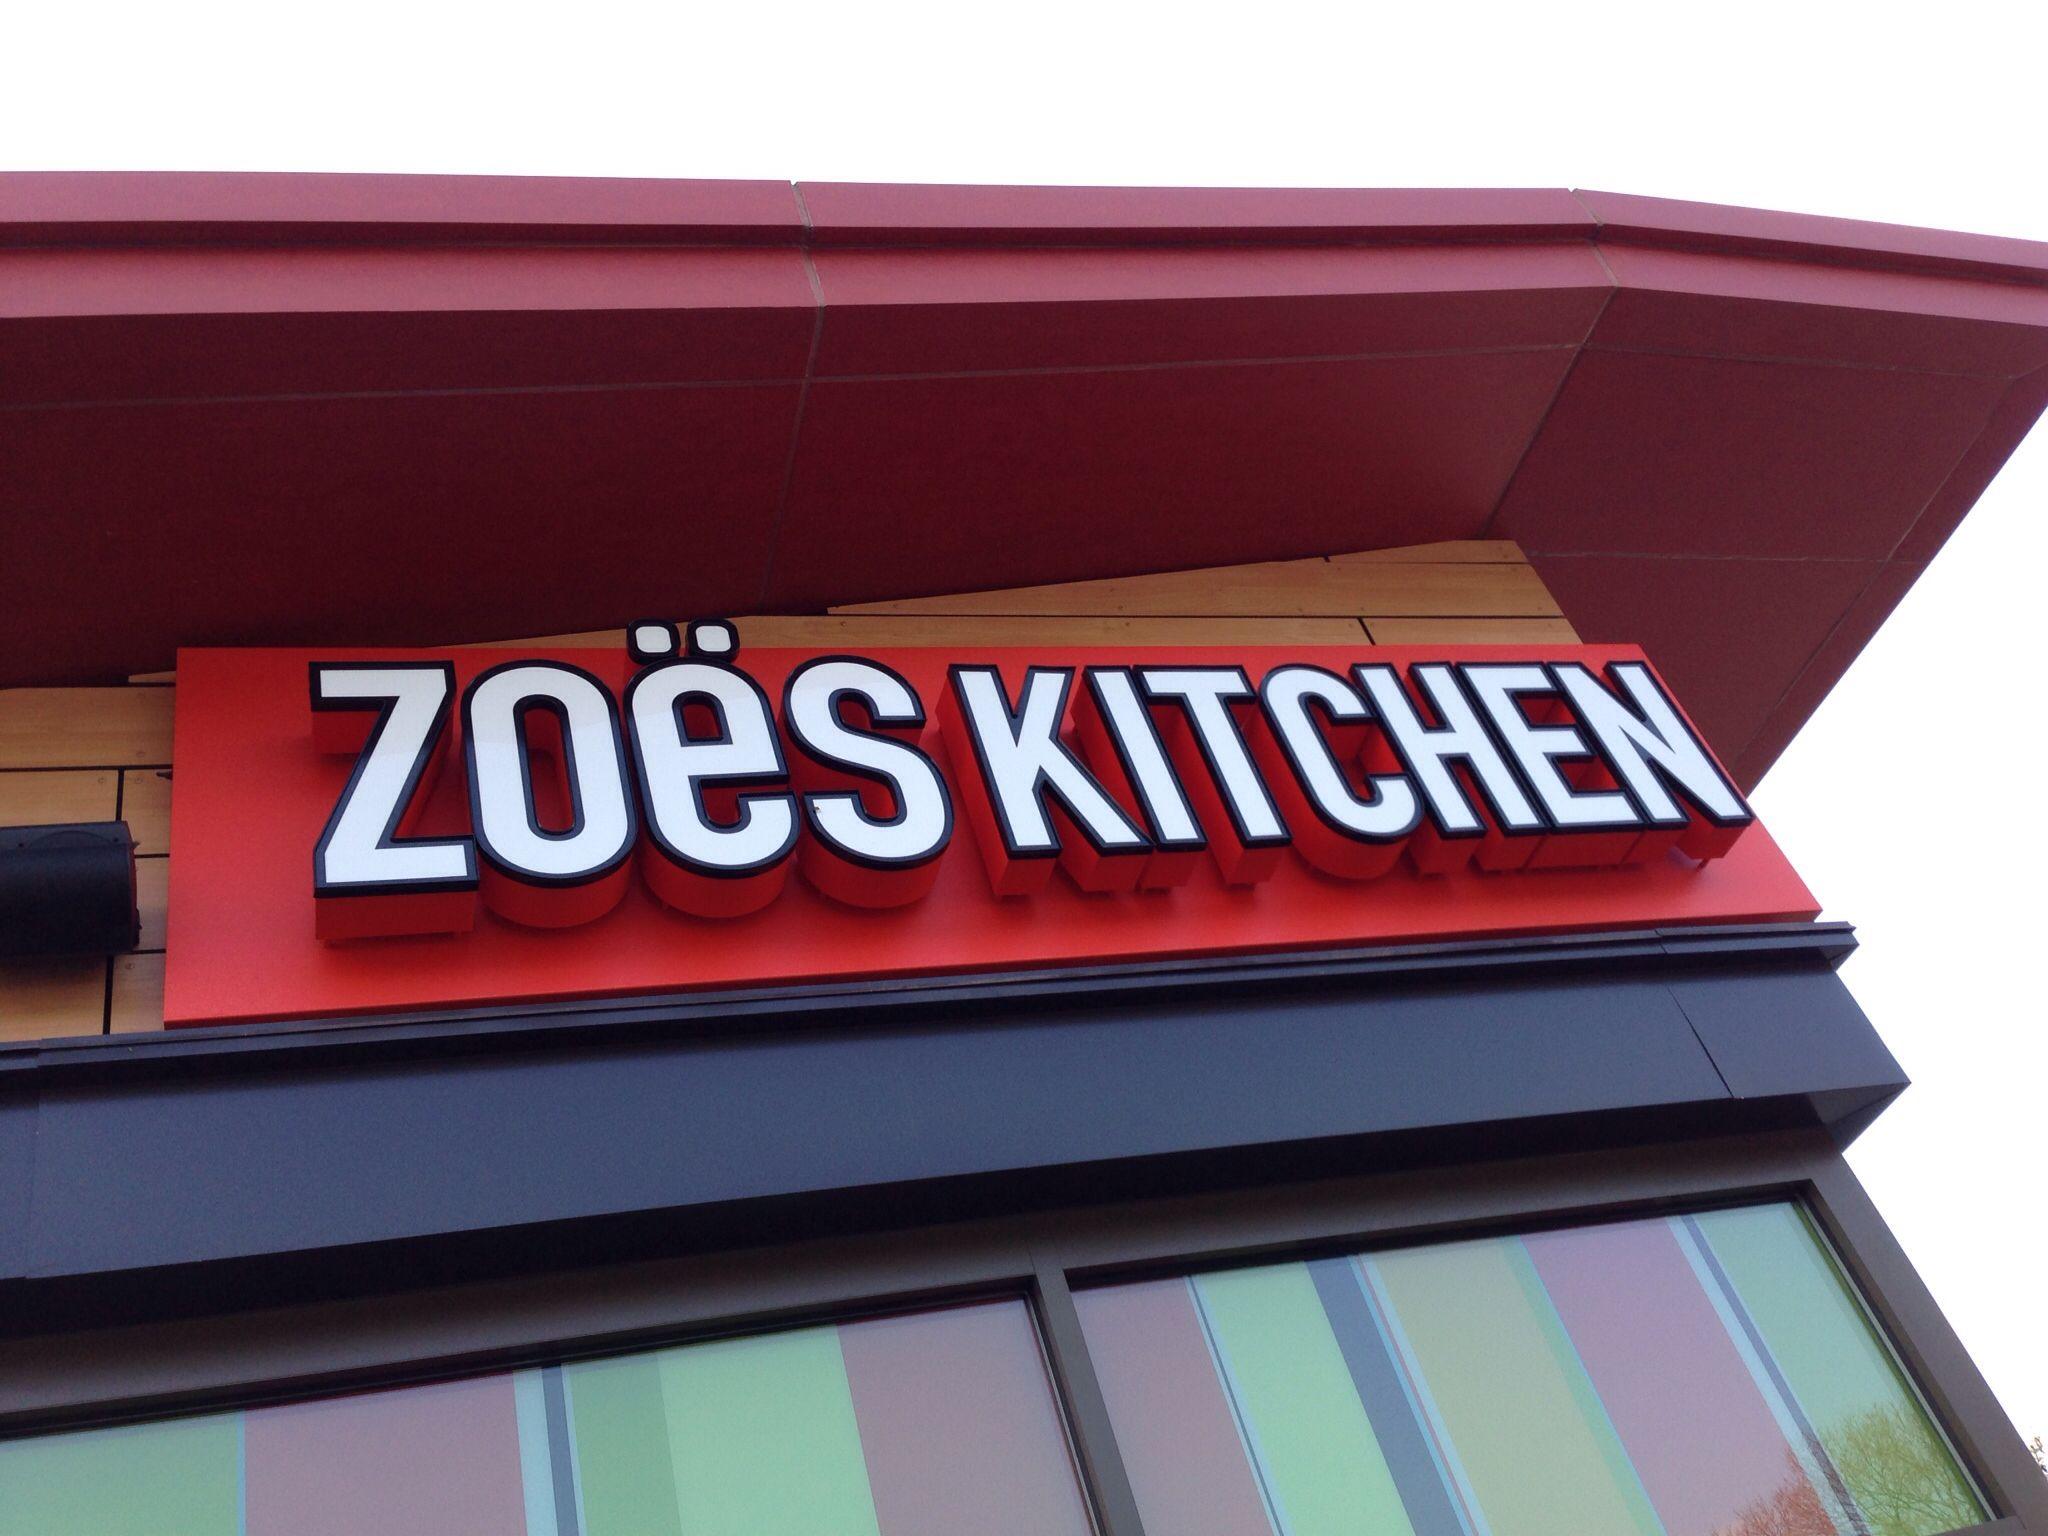 Zoes Kitchen Sign Zoes Kitchen  Blacksburg Va  Retail Signs  Pinterest  Zoes Kitchen